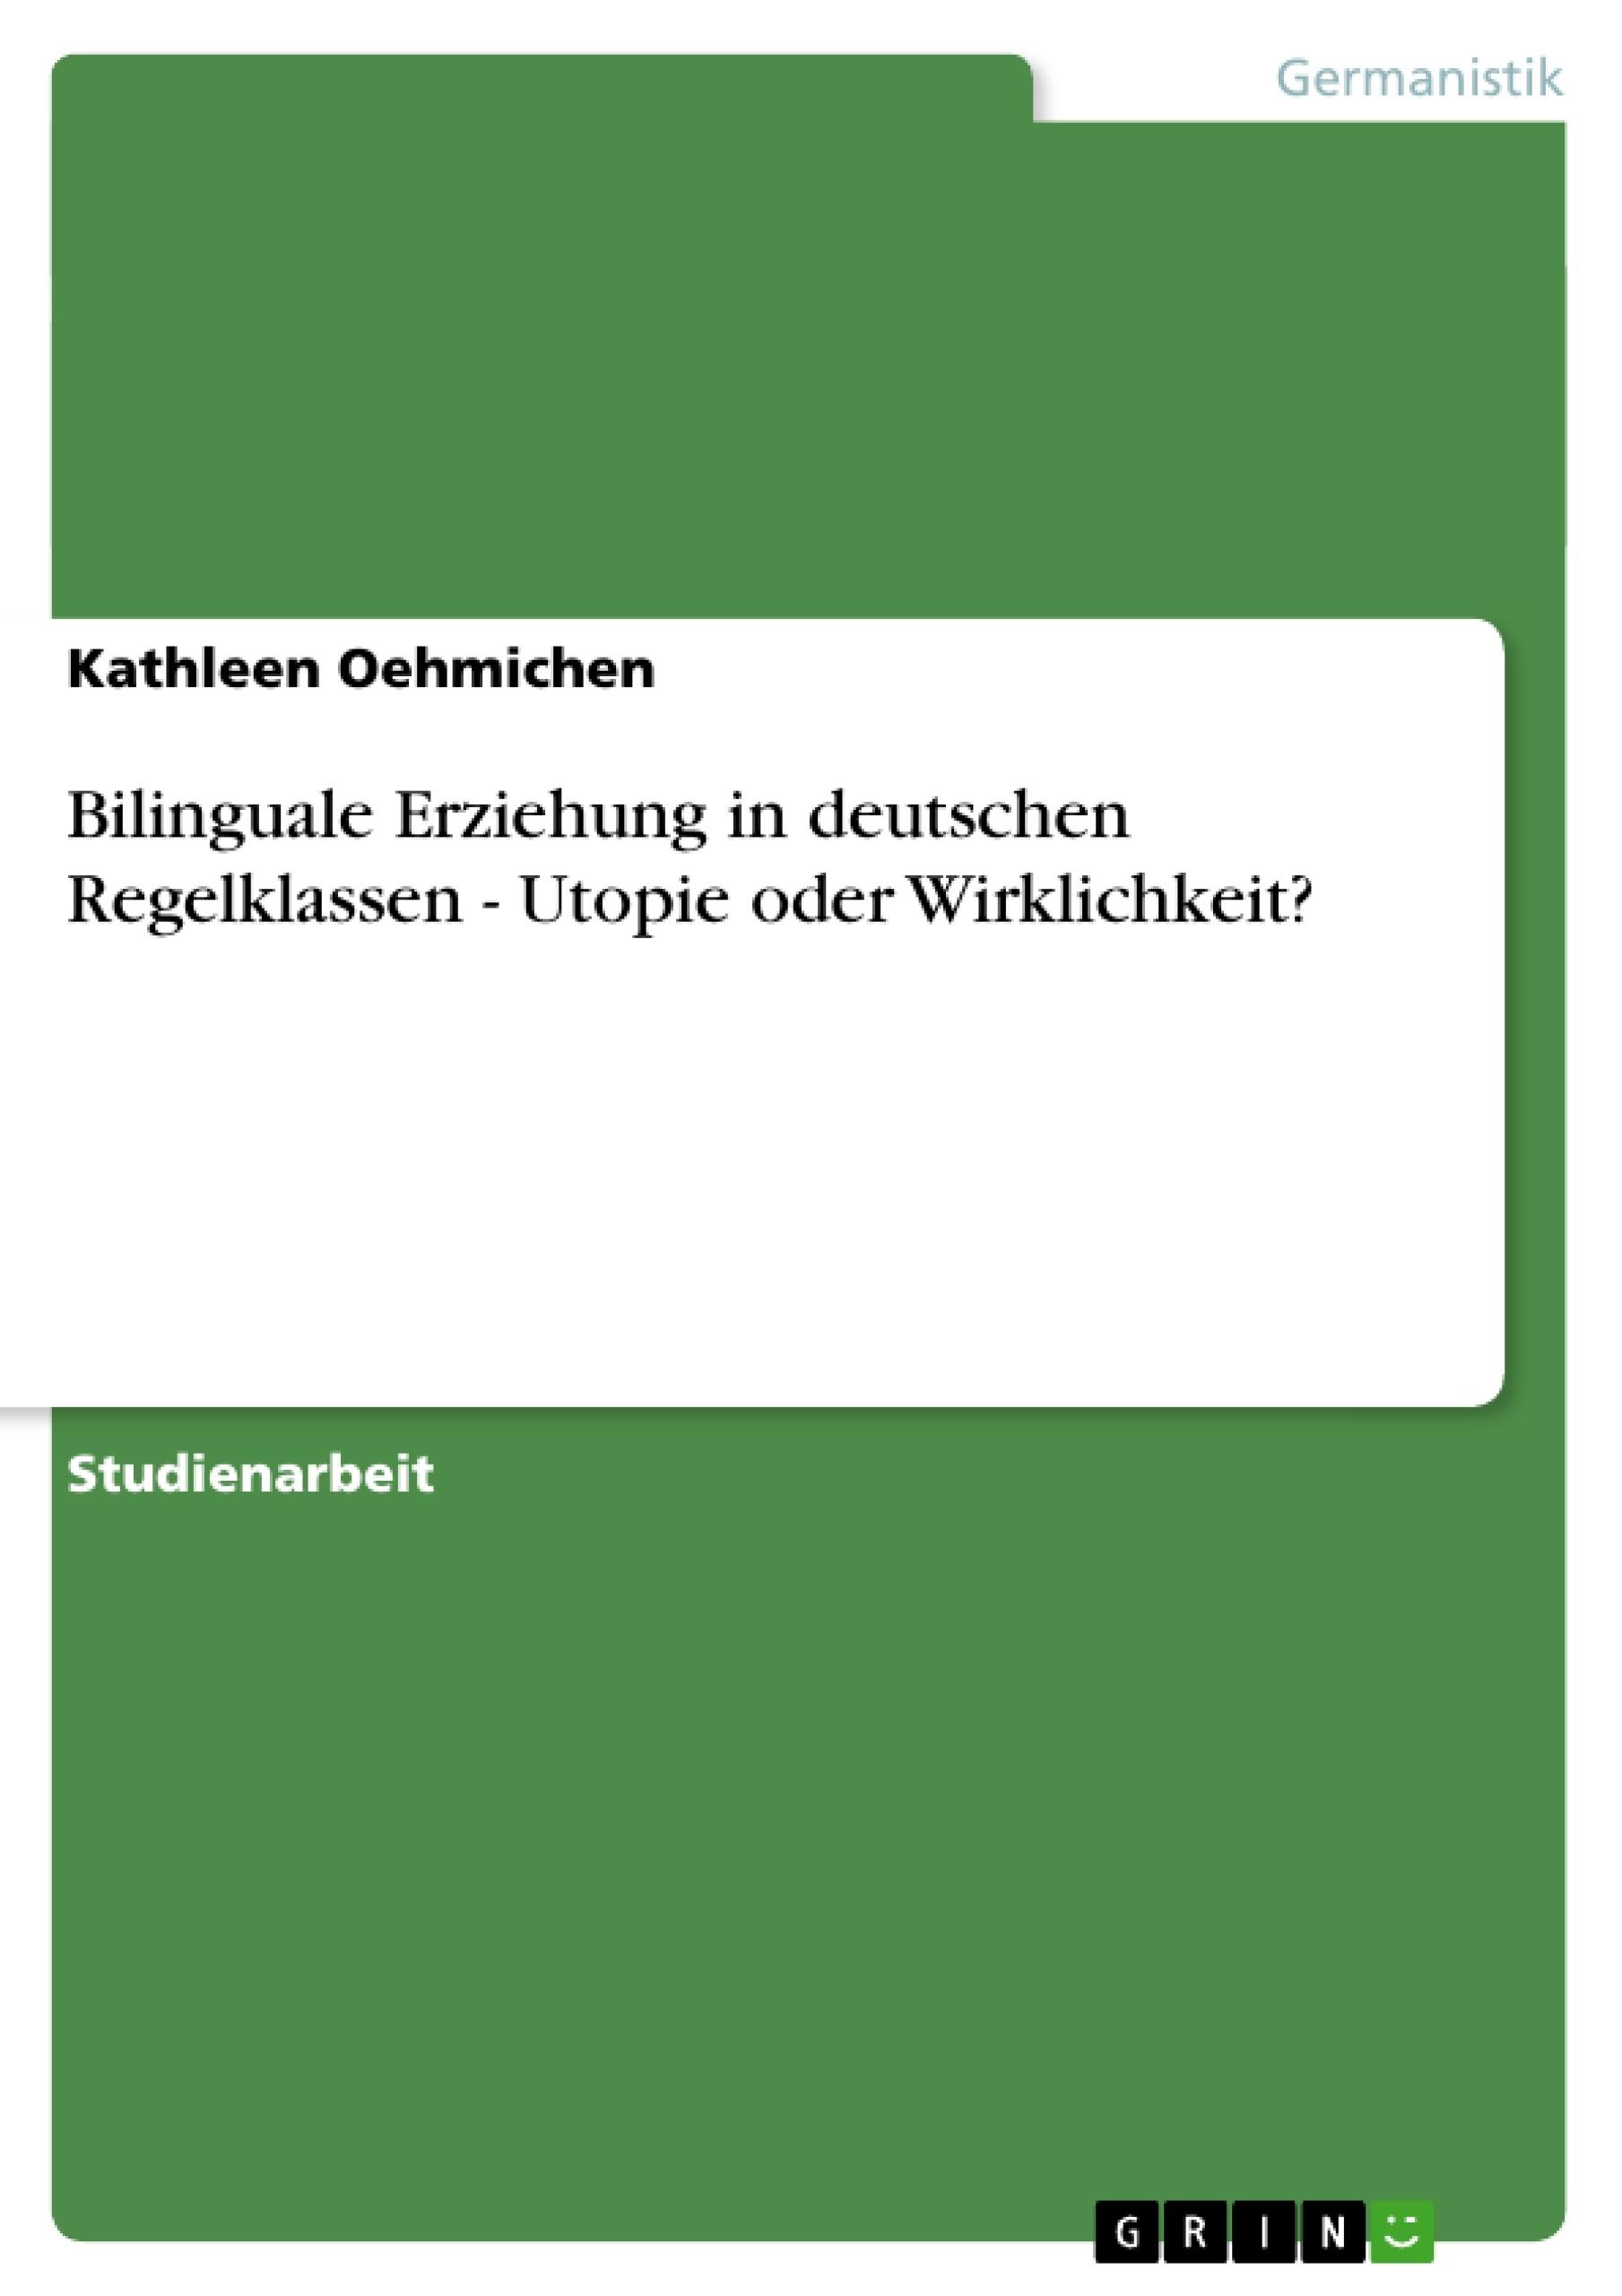 Titel: Bilinguale Erziehung in deutschen Regelklassen - Utopie oder Wirklichkeit?